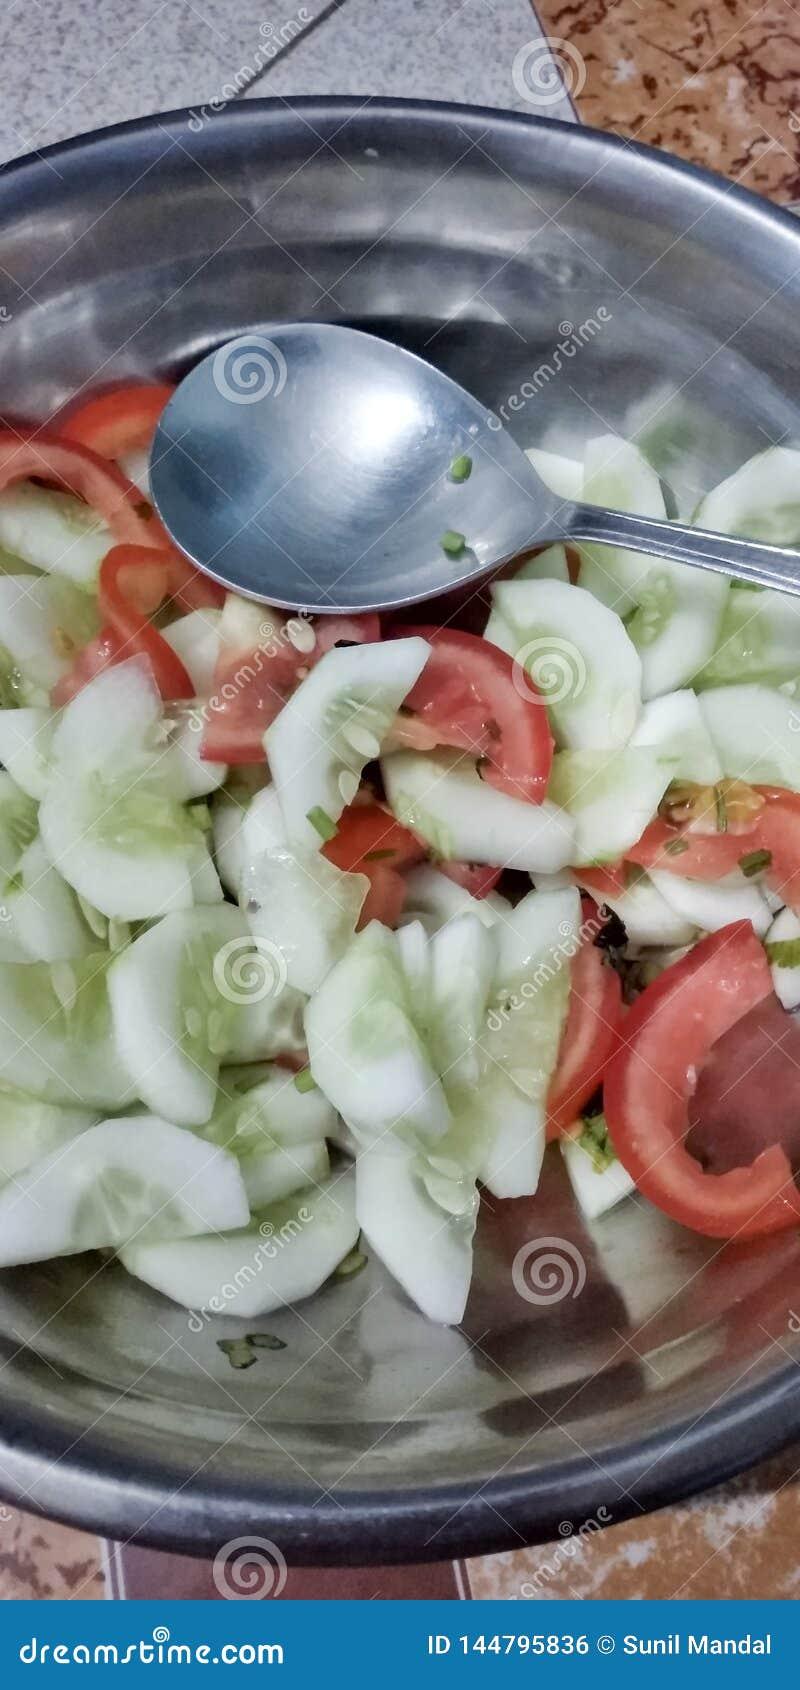 Une salade nouvellement préparée dans une cuvette